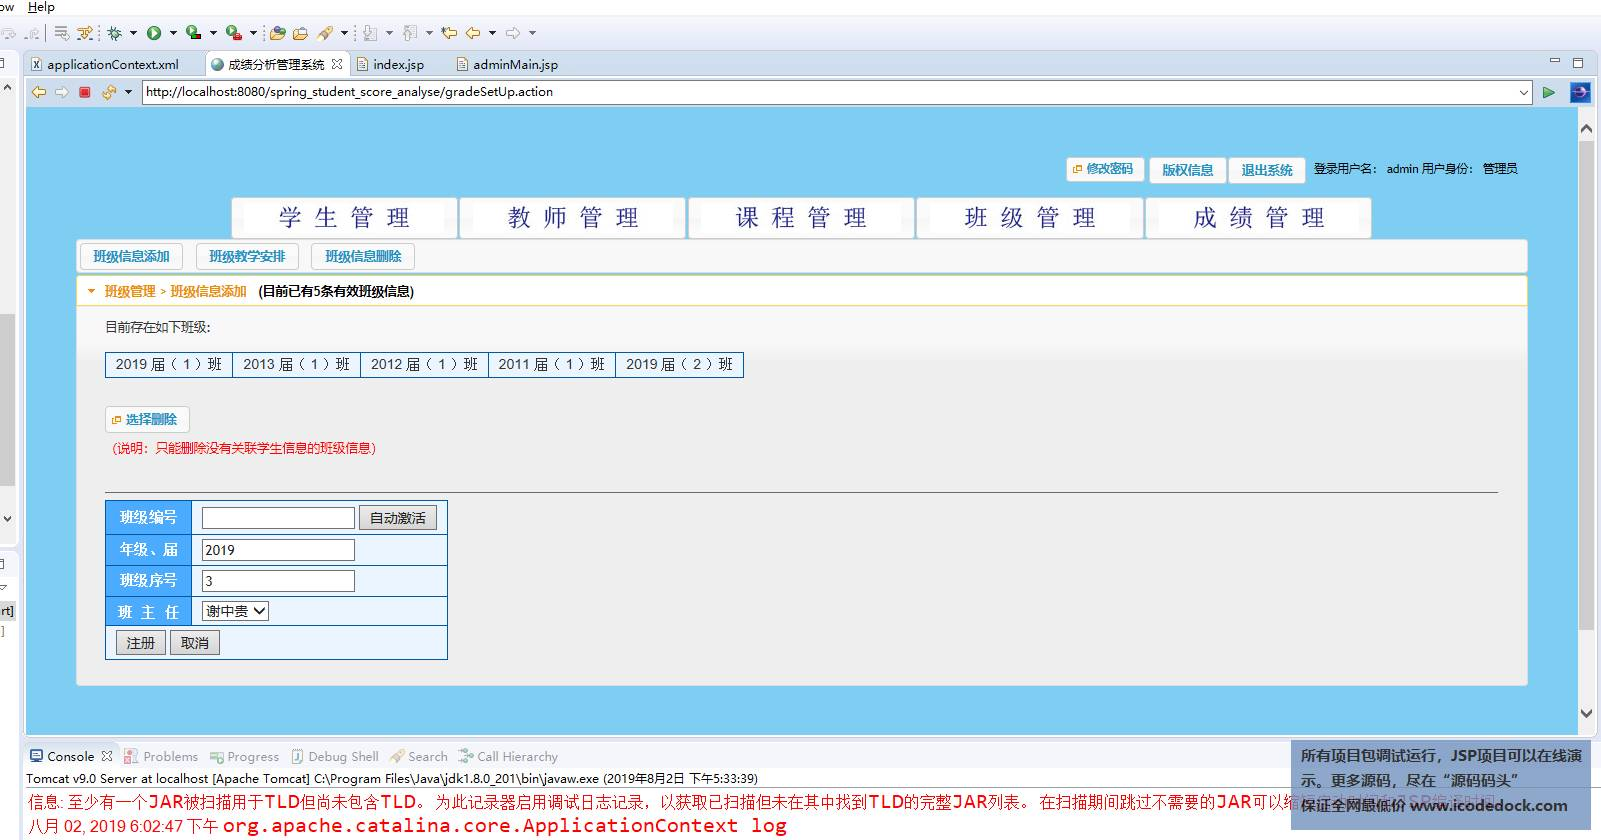 源码码头-Spring学生成绩分析管理系统-管理员角色-班级管理-增删改查